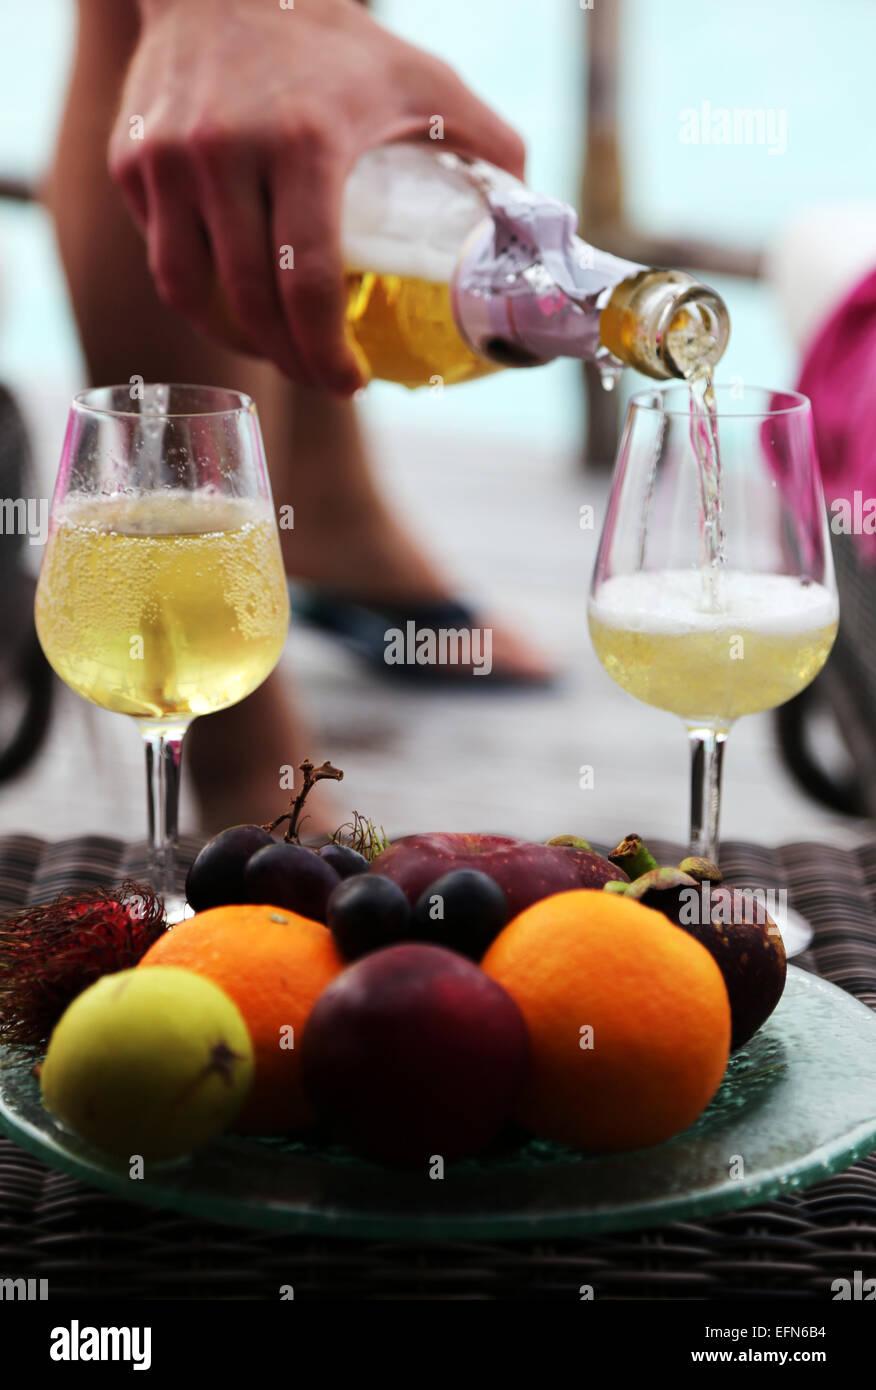 La main d'un homme se verse dans deux verres de champagne. Une assiette de fruits exotiques est à l'avant. Photo Stock